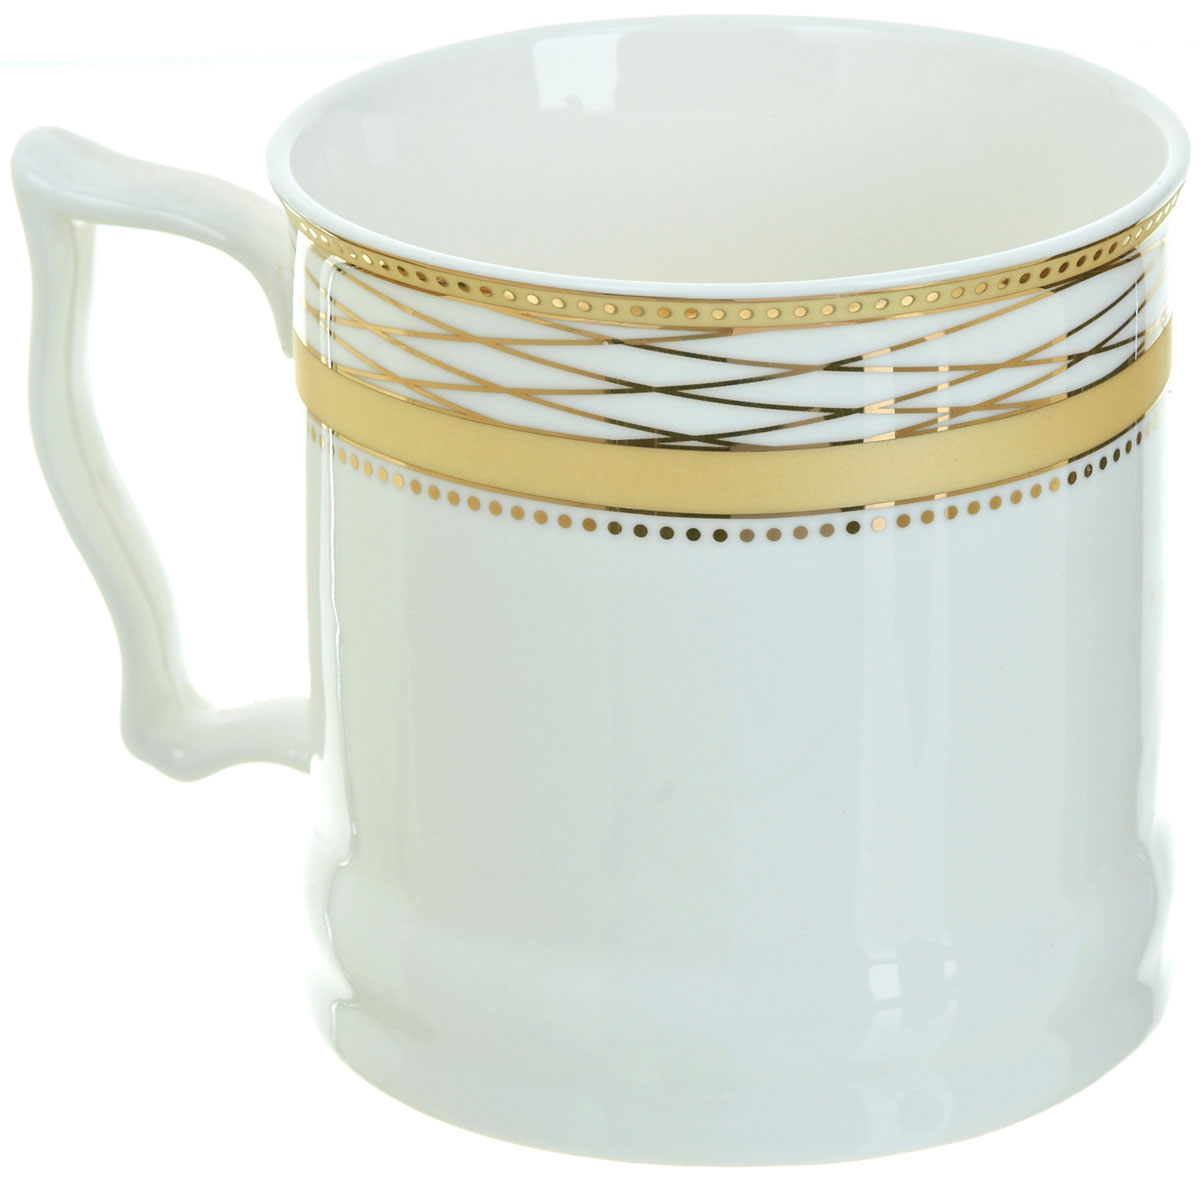 Кружка BHP Королевская кружка, 500 мл. M1870008M1870008Оригинальная кружка Best Home Porcelain, выполненная из высококачественного фарфора, сочетает в себе простой, утонченный дизайн с максимальной функциональностью. Можно использовать в посудомоечной машине.